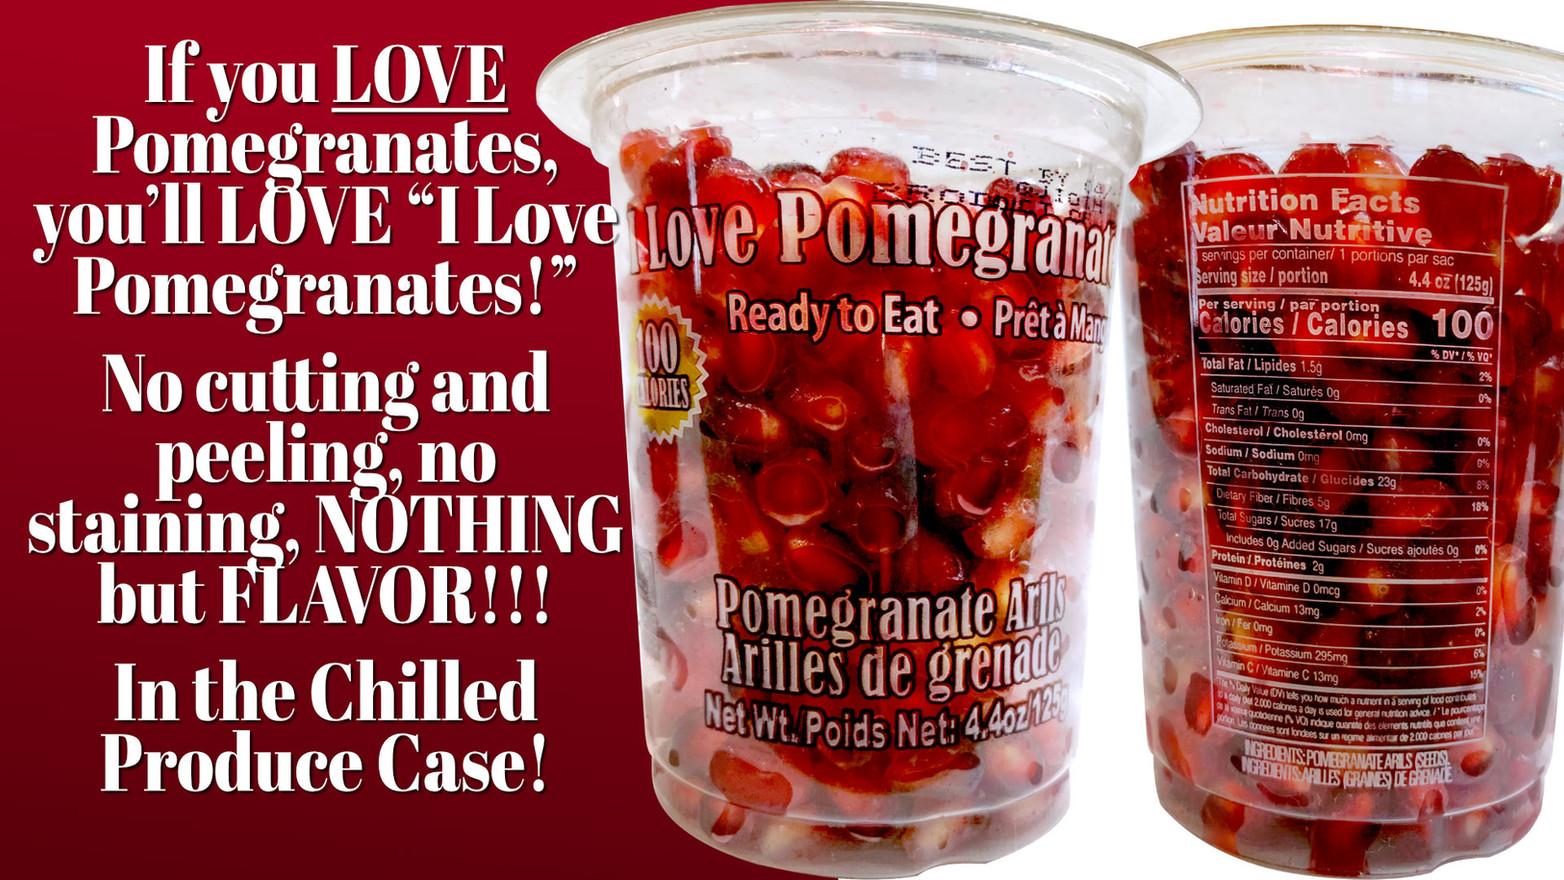 I love pomegranates promo.jpg